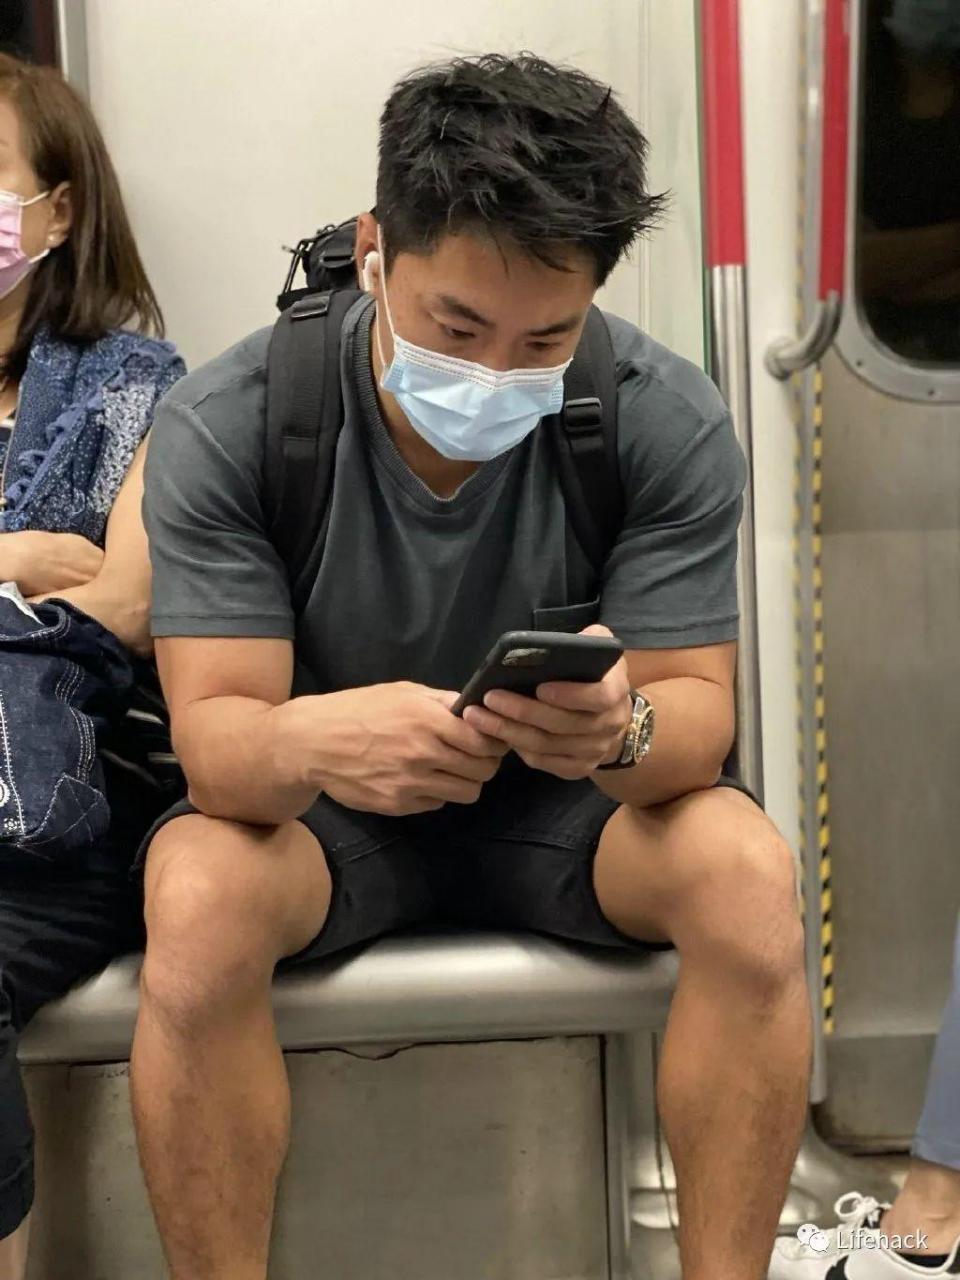 肌肉男因太帅在地铁被偷拍,脱掉衣服后网友炸了